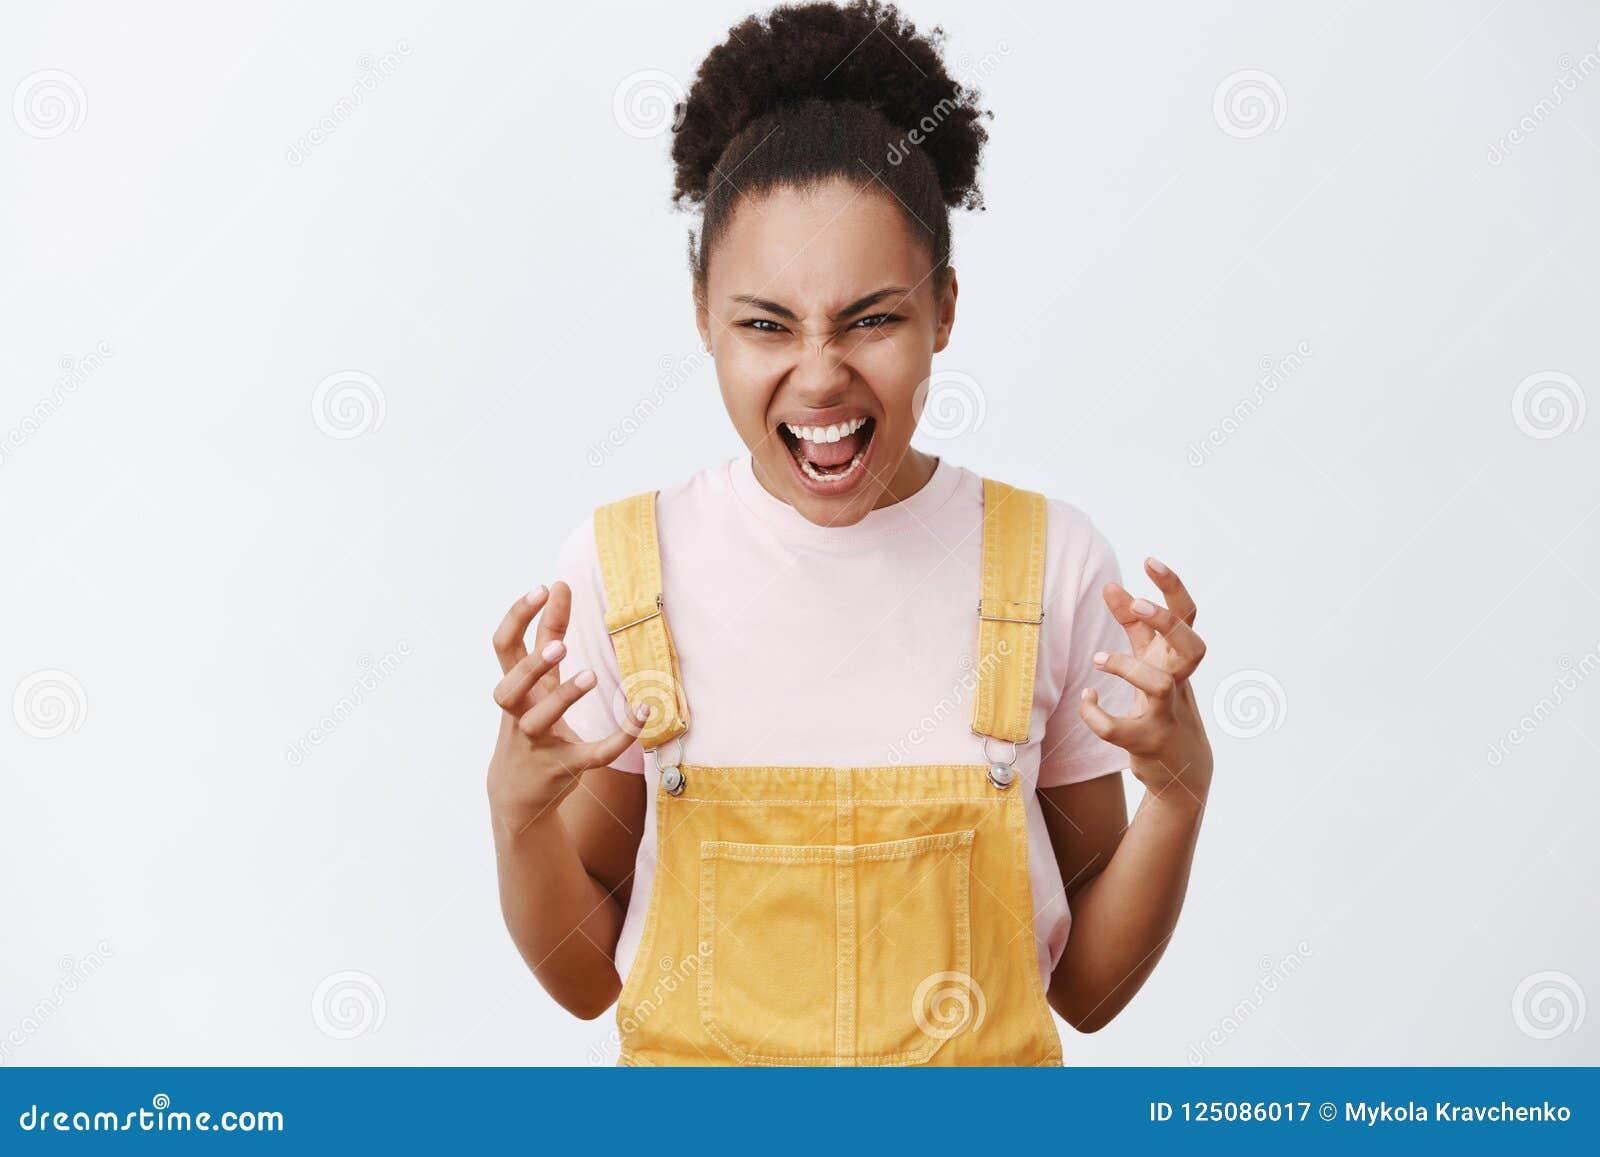 Είμαι πηγαίνοντας έμφραξη εσείς με τα γυμνά χέρια Το πορτρέτο υ και η συγκινητική γυναίκα αφροαμερικάνων καθιερώνοντα τη μόδα σε